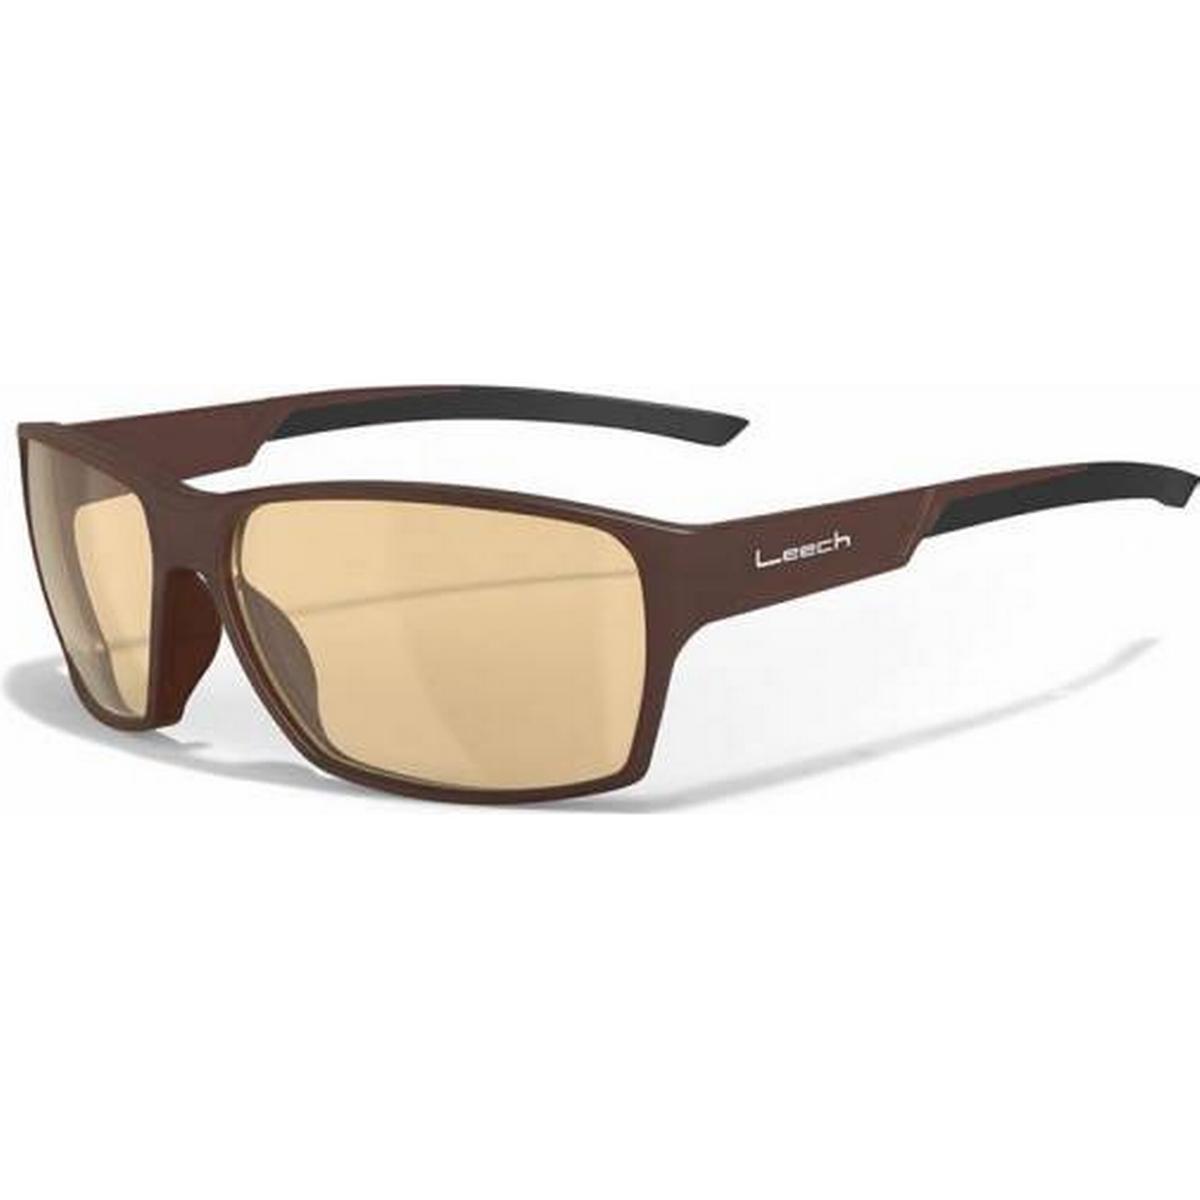 083382b021eb Leech Solbriller - Sammenlign priser hos PriceRunner